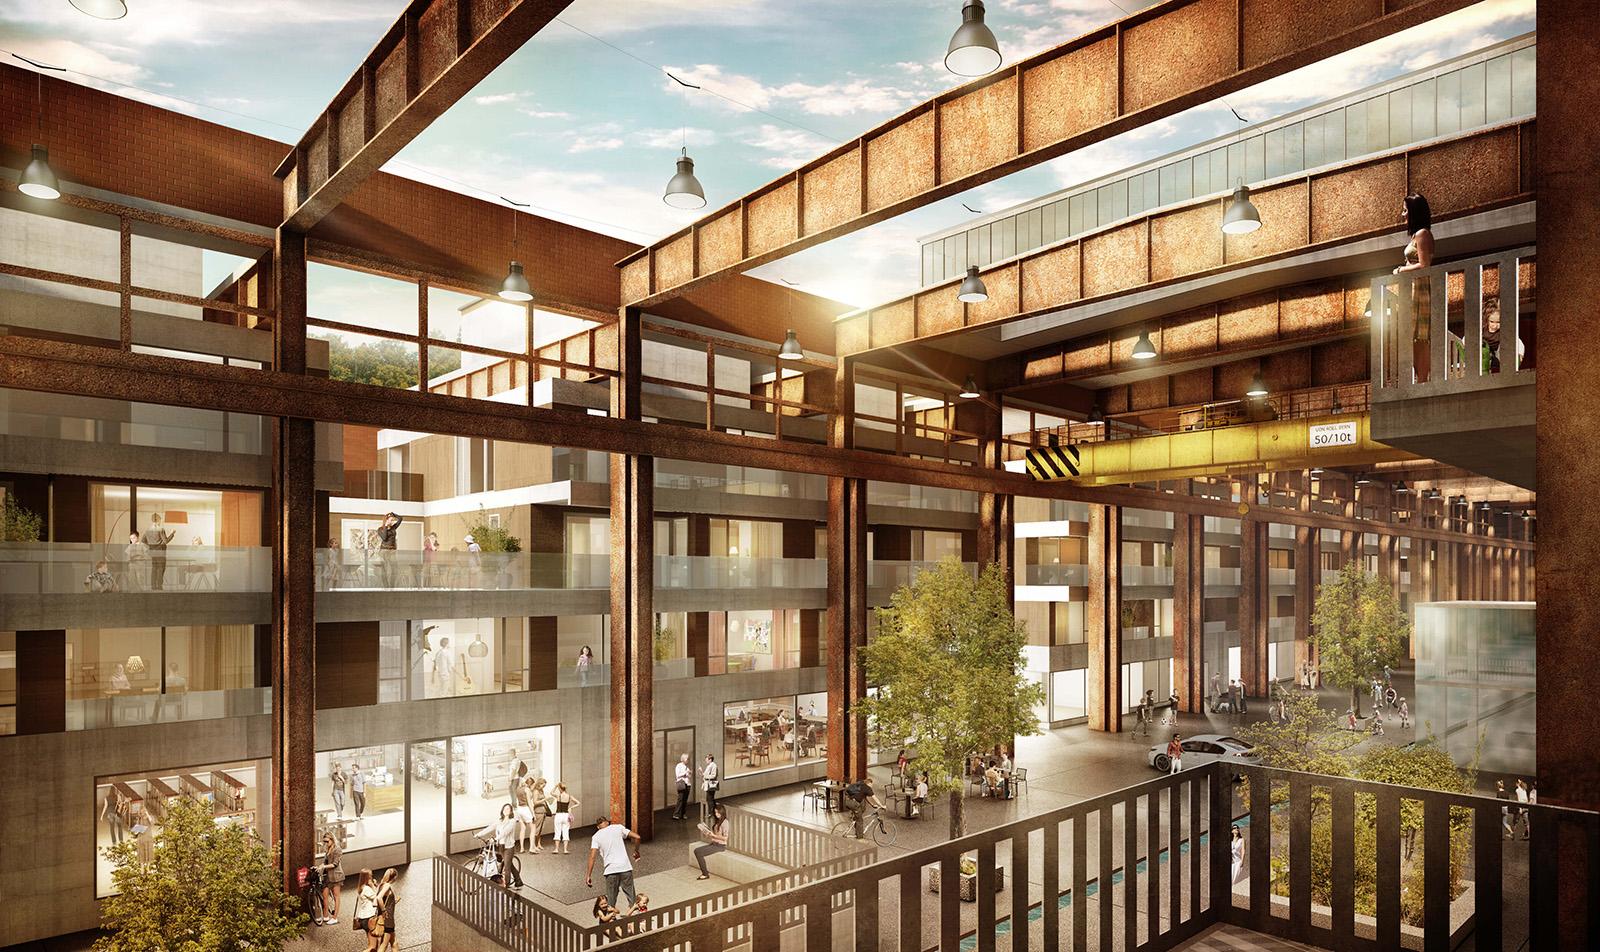 Visualisierungen architektur visualisierungen dunedin for Halle innenarchitektur